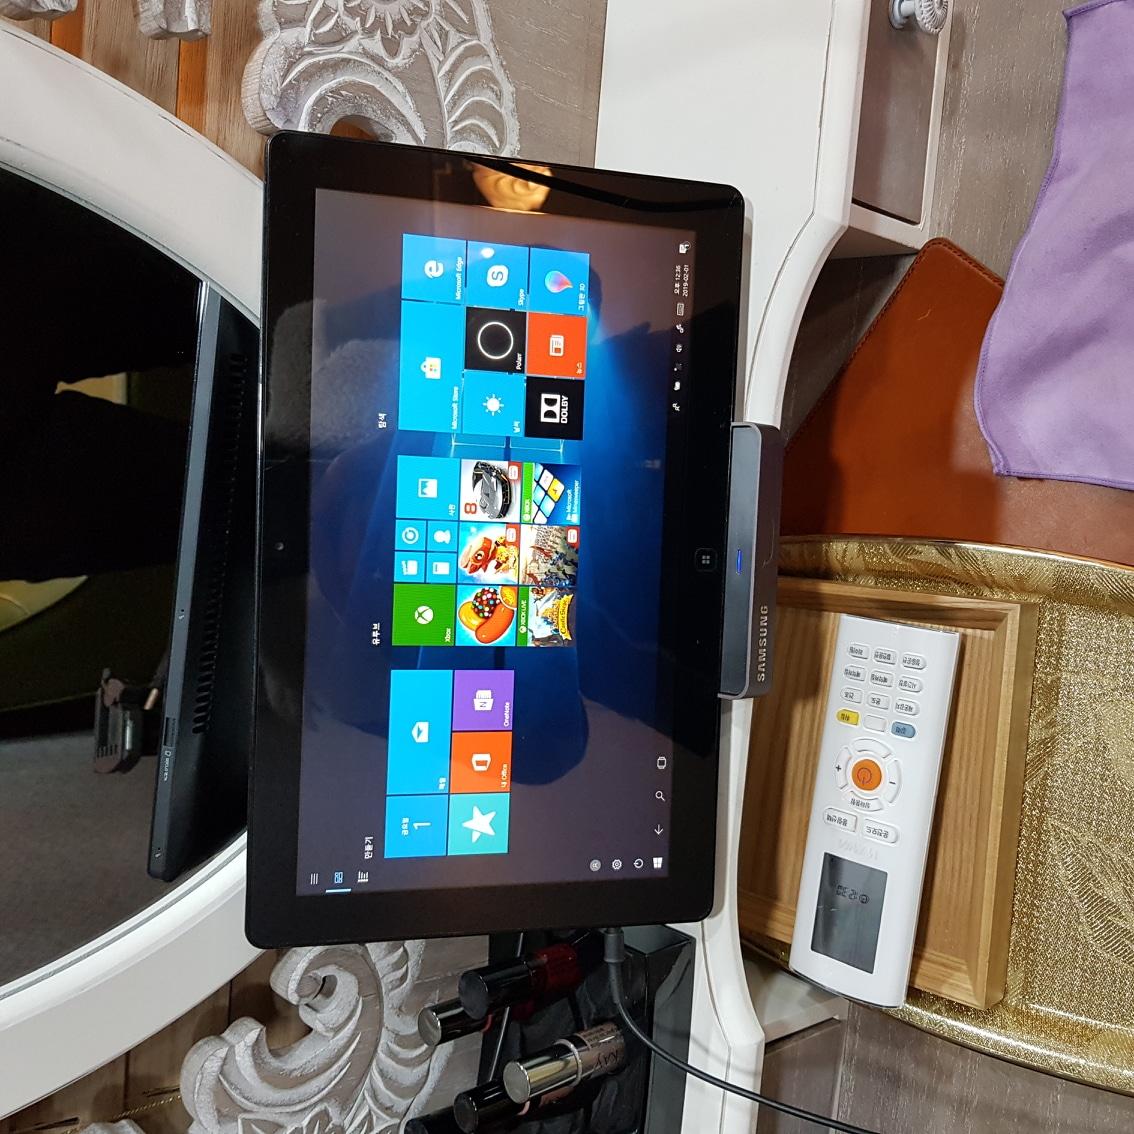 (삼성노트북) 노트북과 테블릿을 동시에 사용가능한 노트북